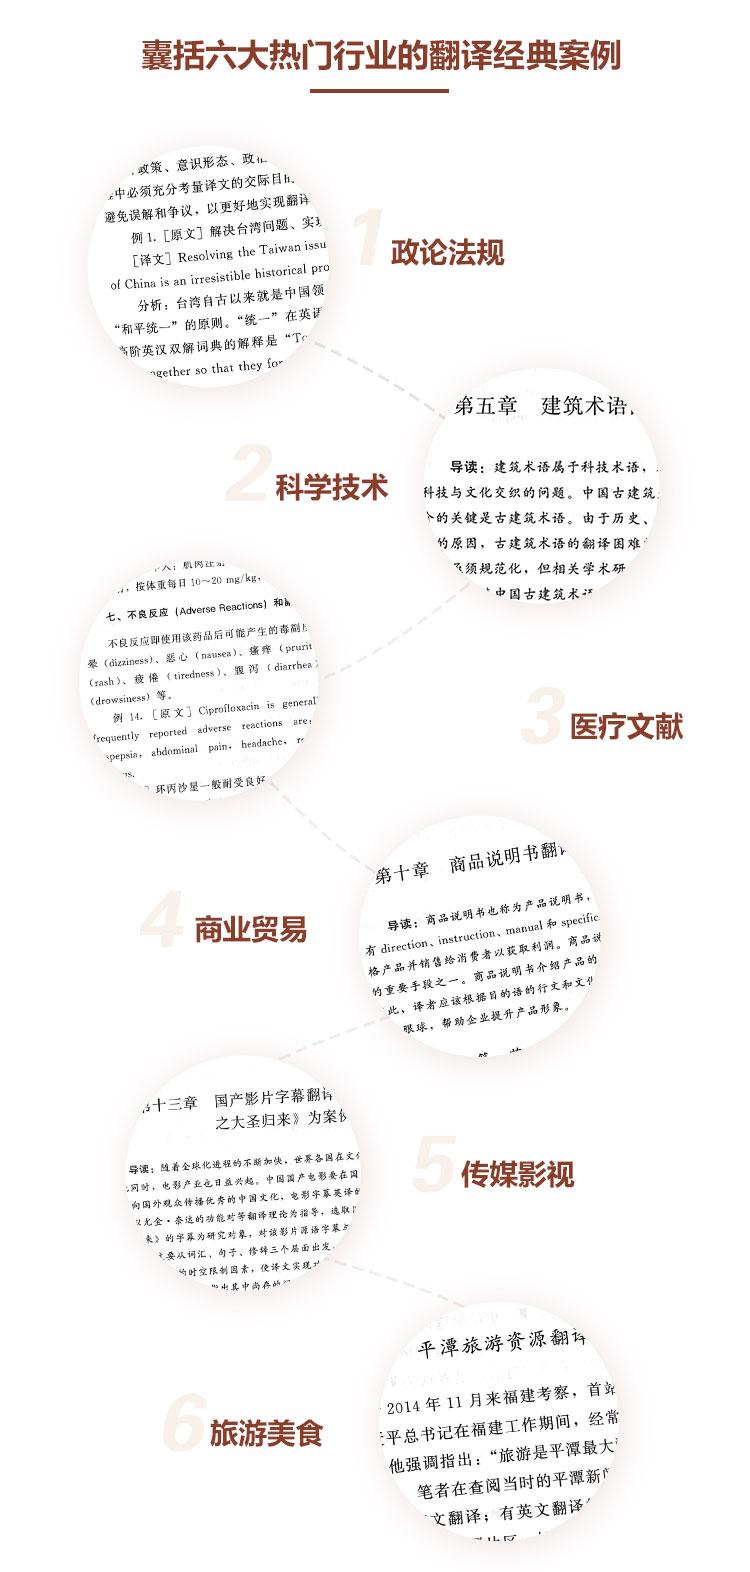 行业笔译案例库:精选与解析-详情页_03.jpg